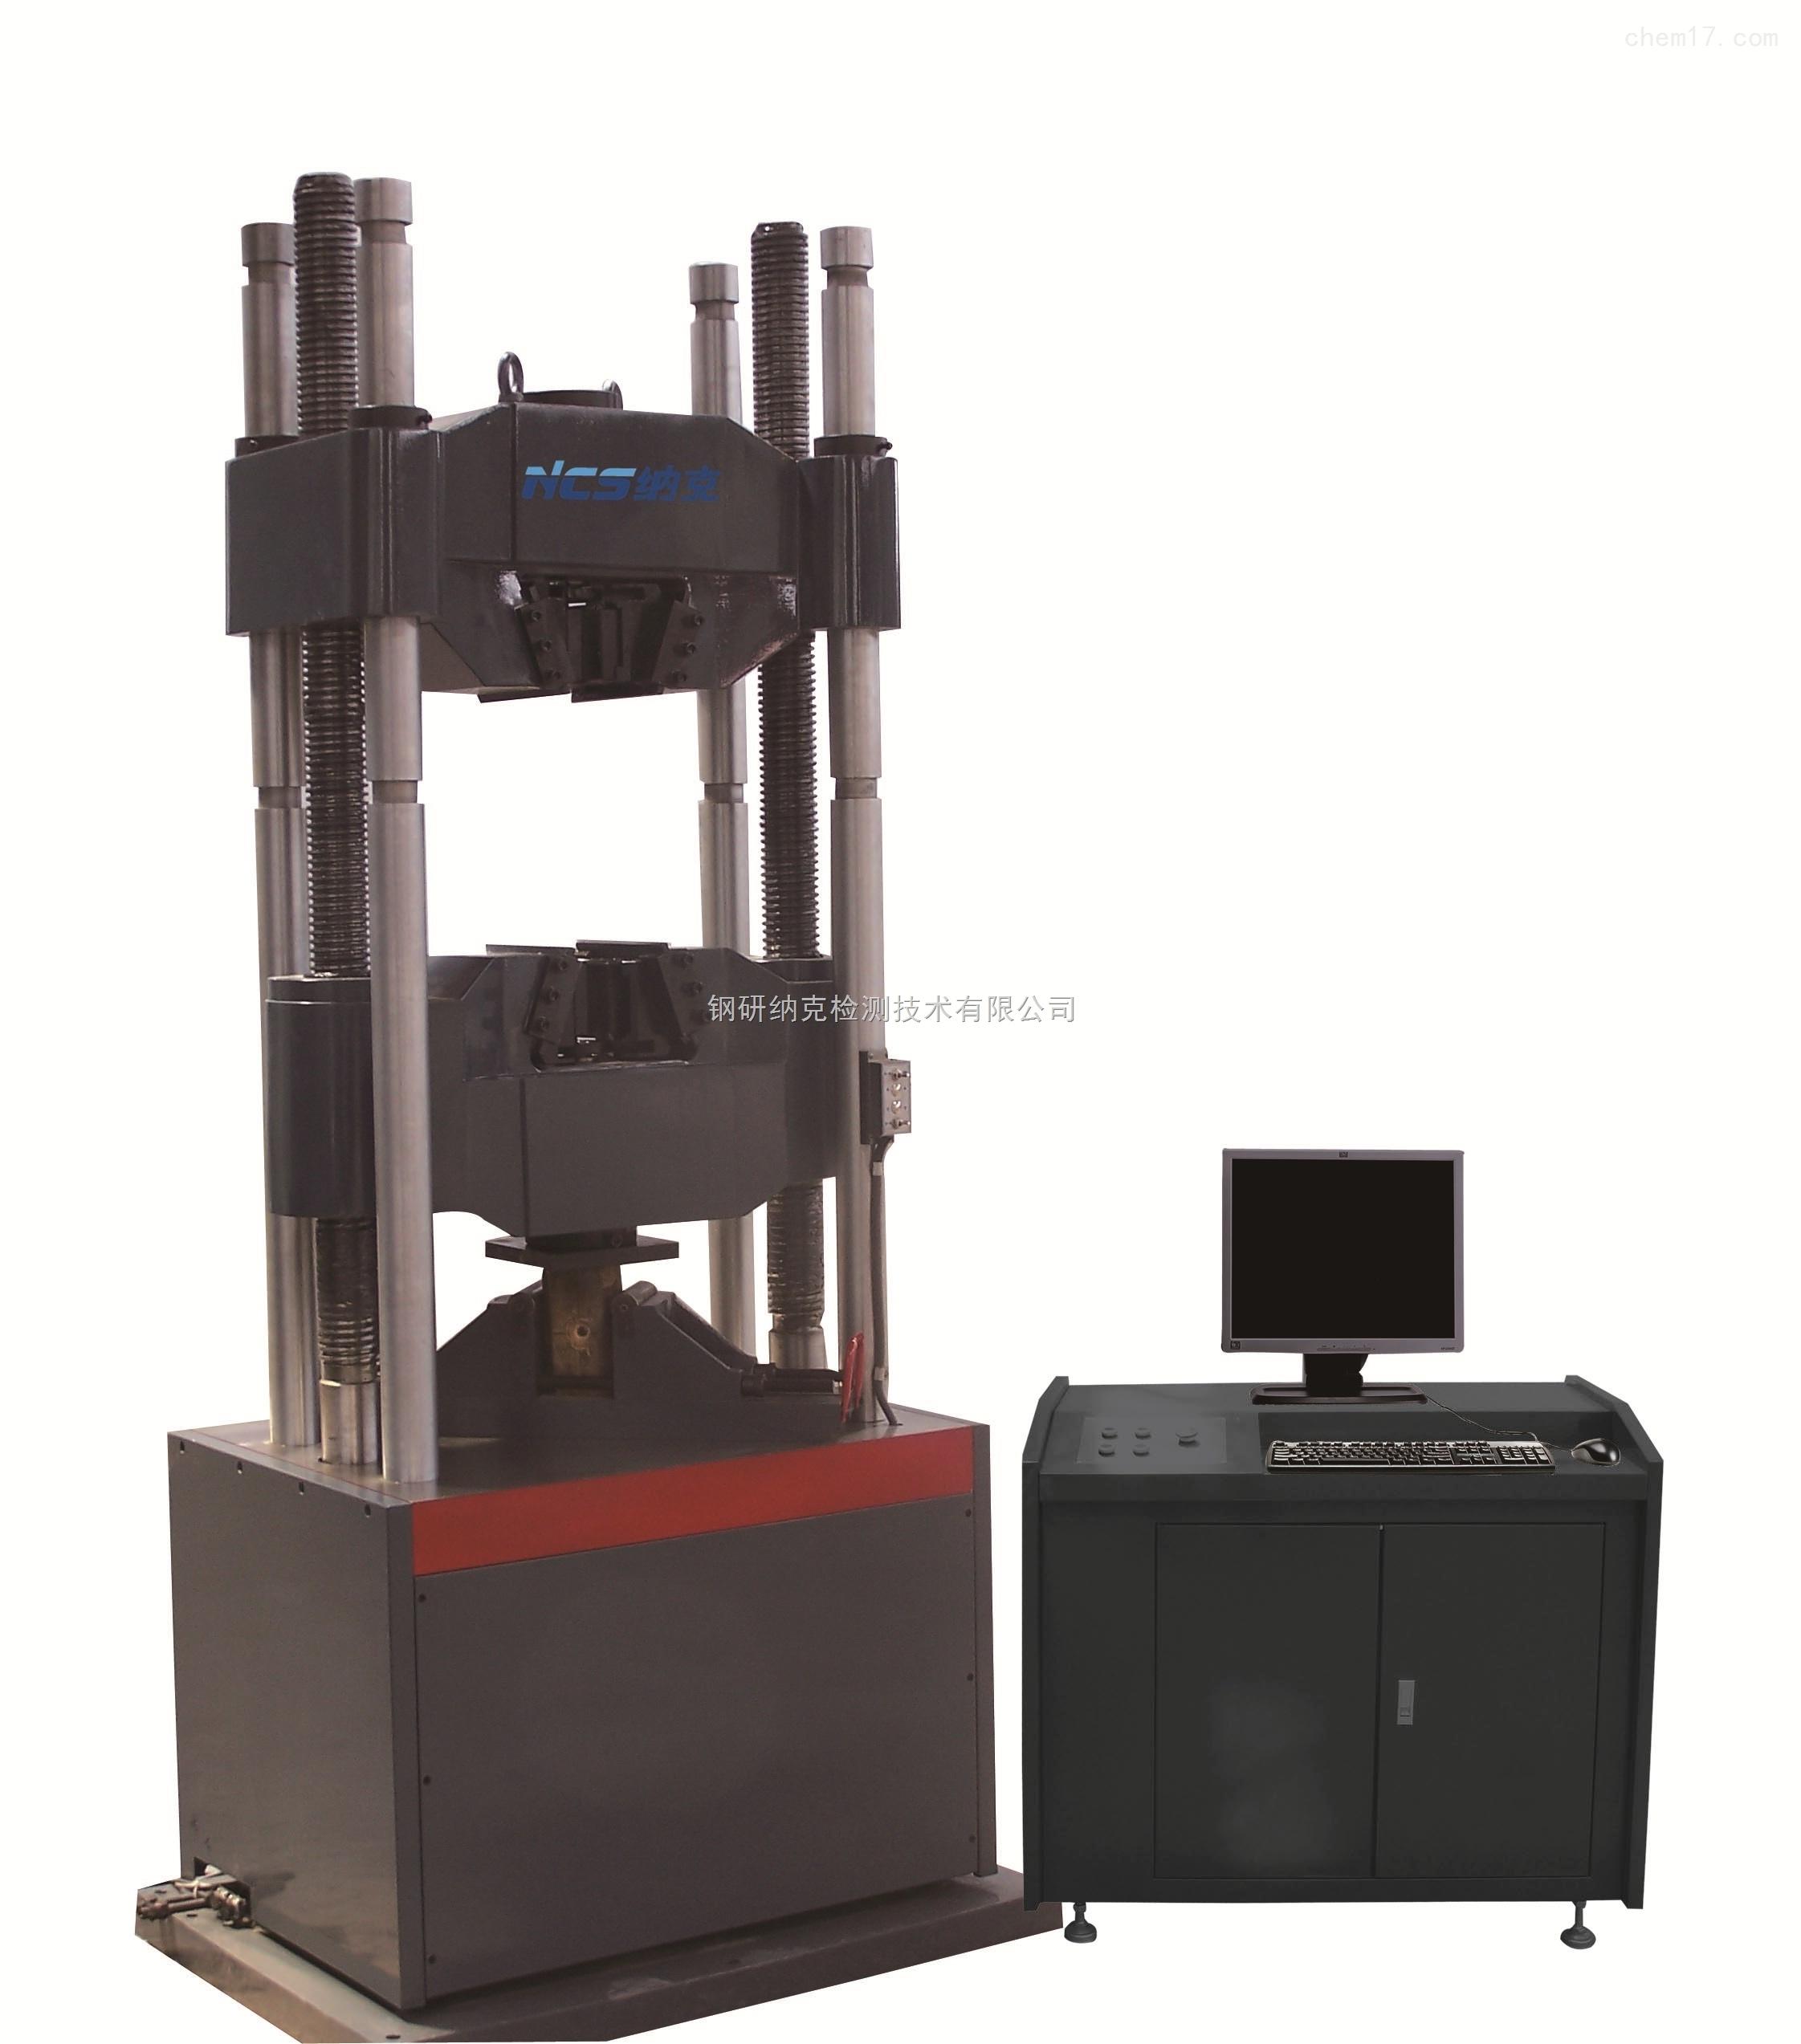 gnt300y-微机控制电液伺服万能试验机-钢研纳克检测